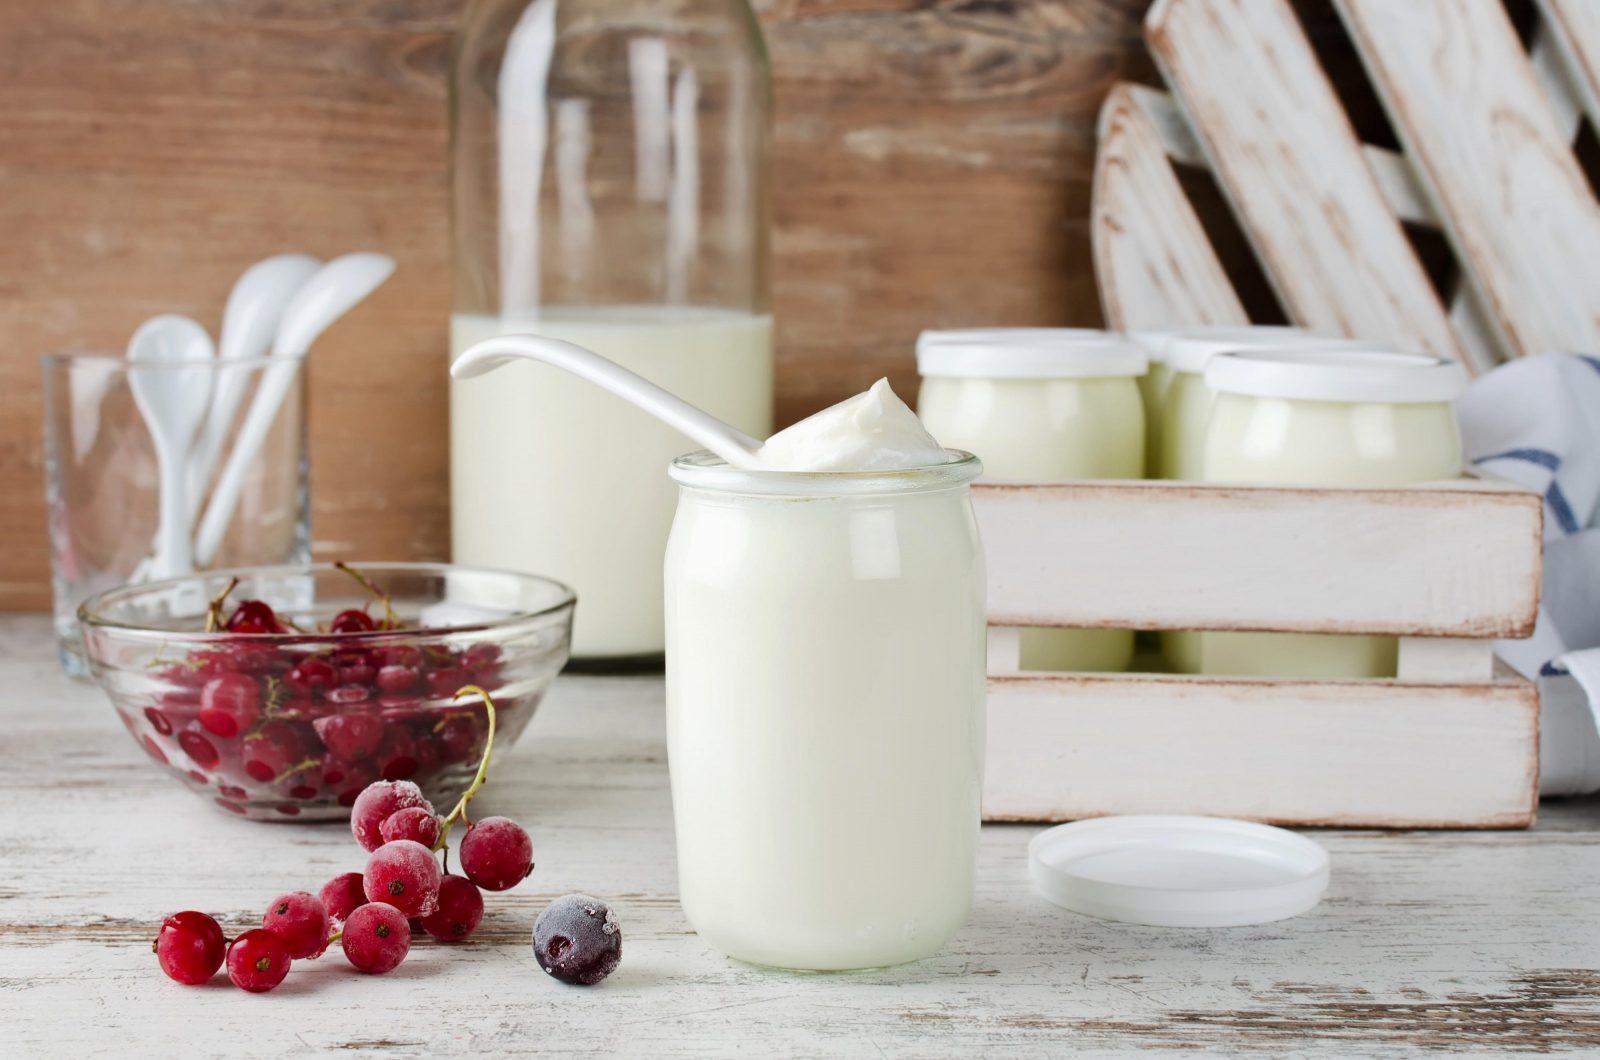 Joghurt Selber Machen So Gelingt Es Mit Und Ohne Maschine  Brigitte von Joghurt Selber Machen Ohne Maschine Photo